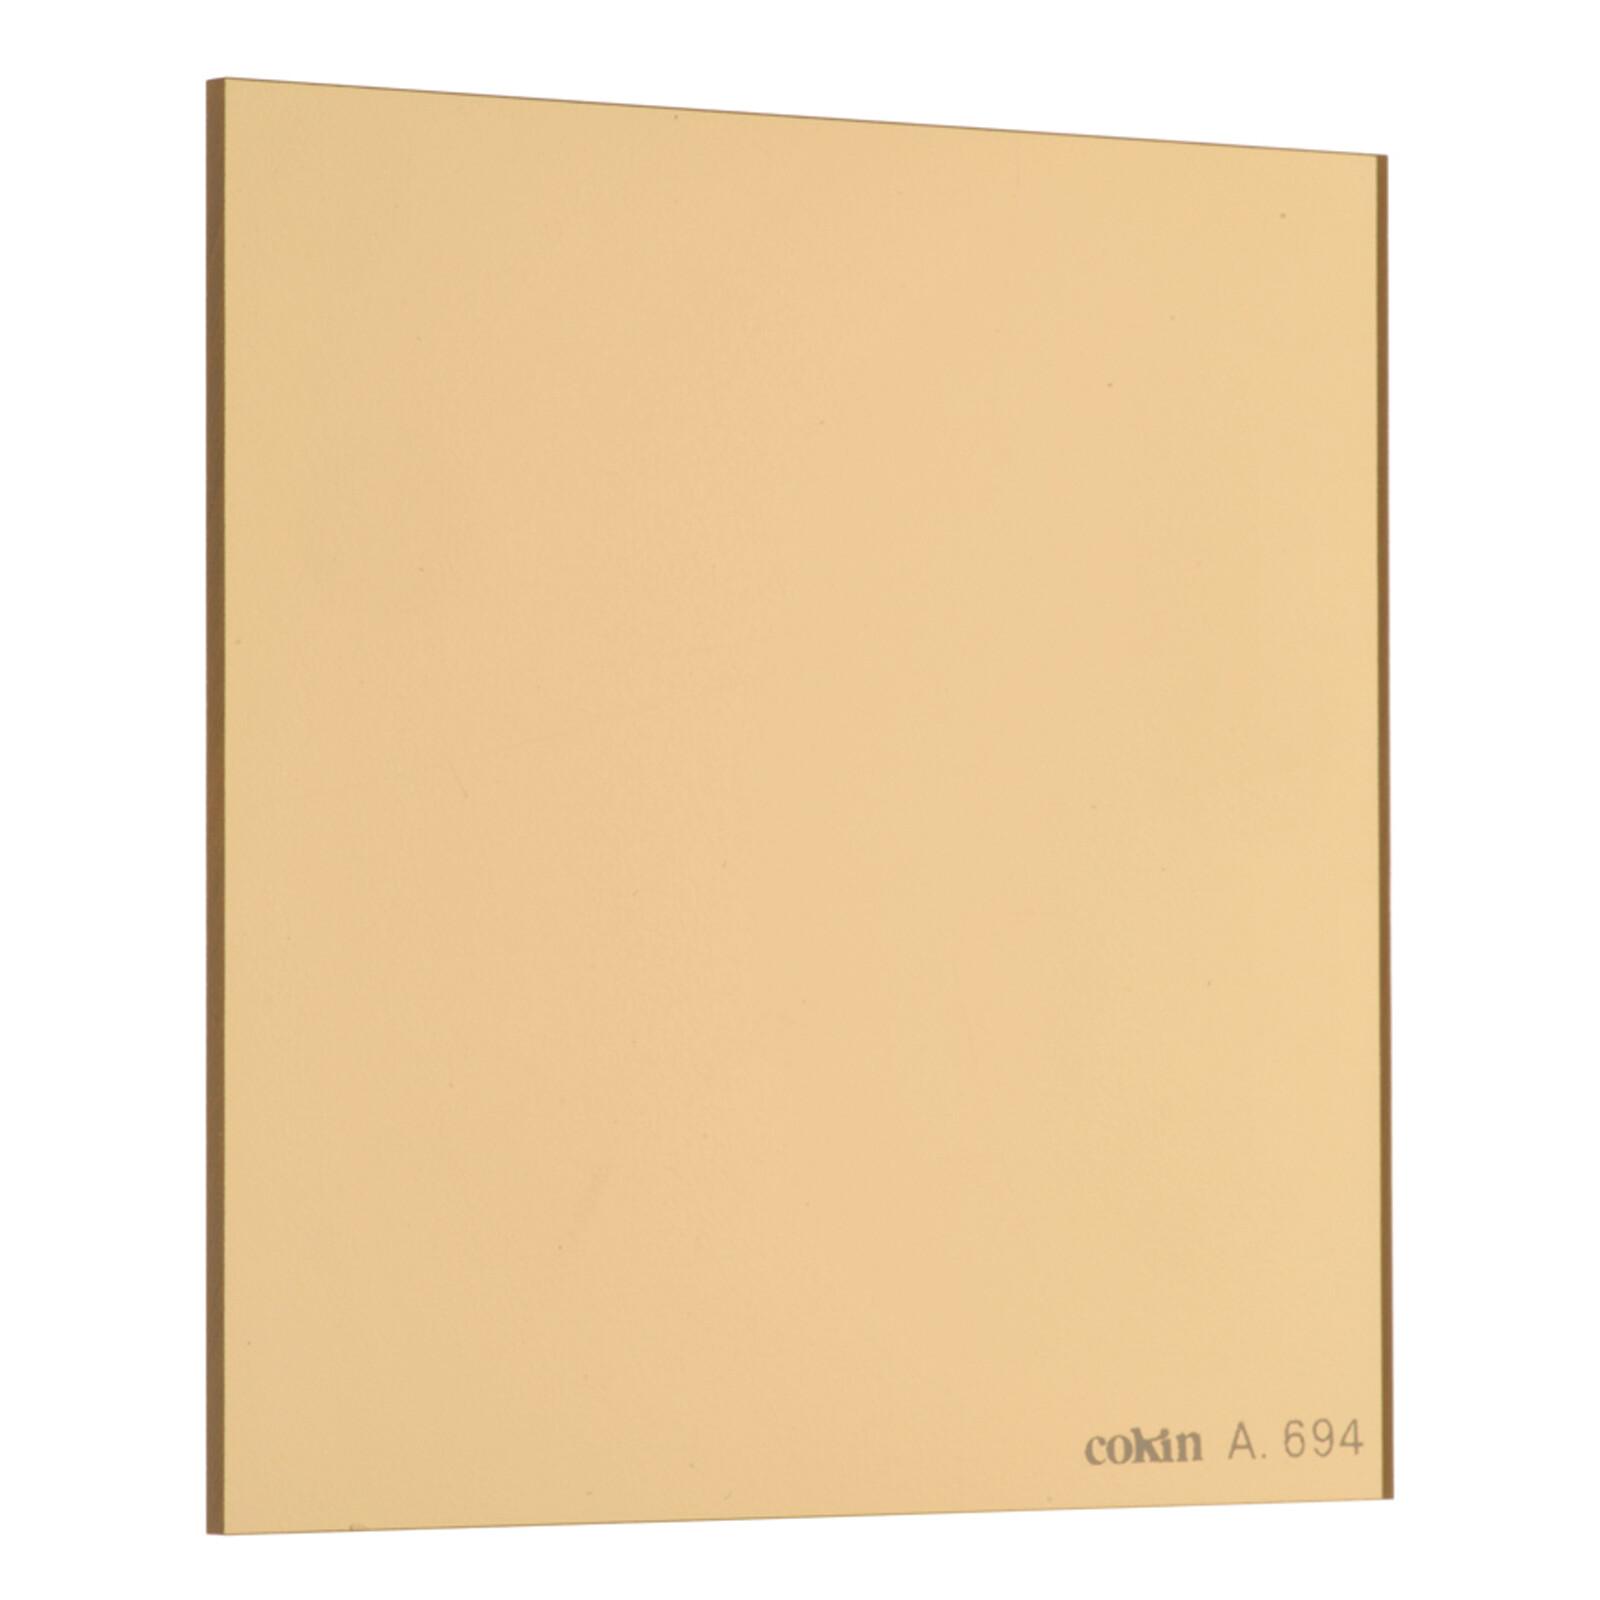 Cokin A694 Sunsoft